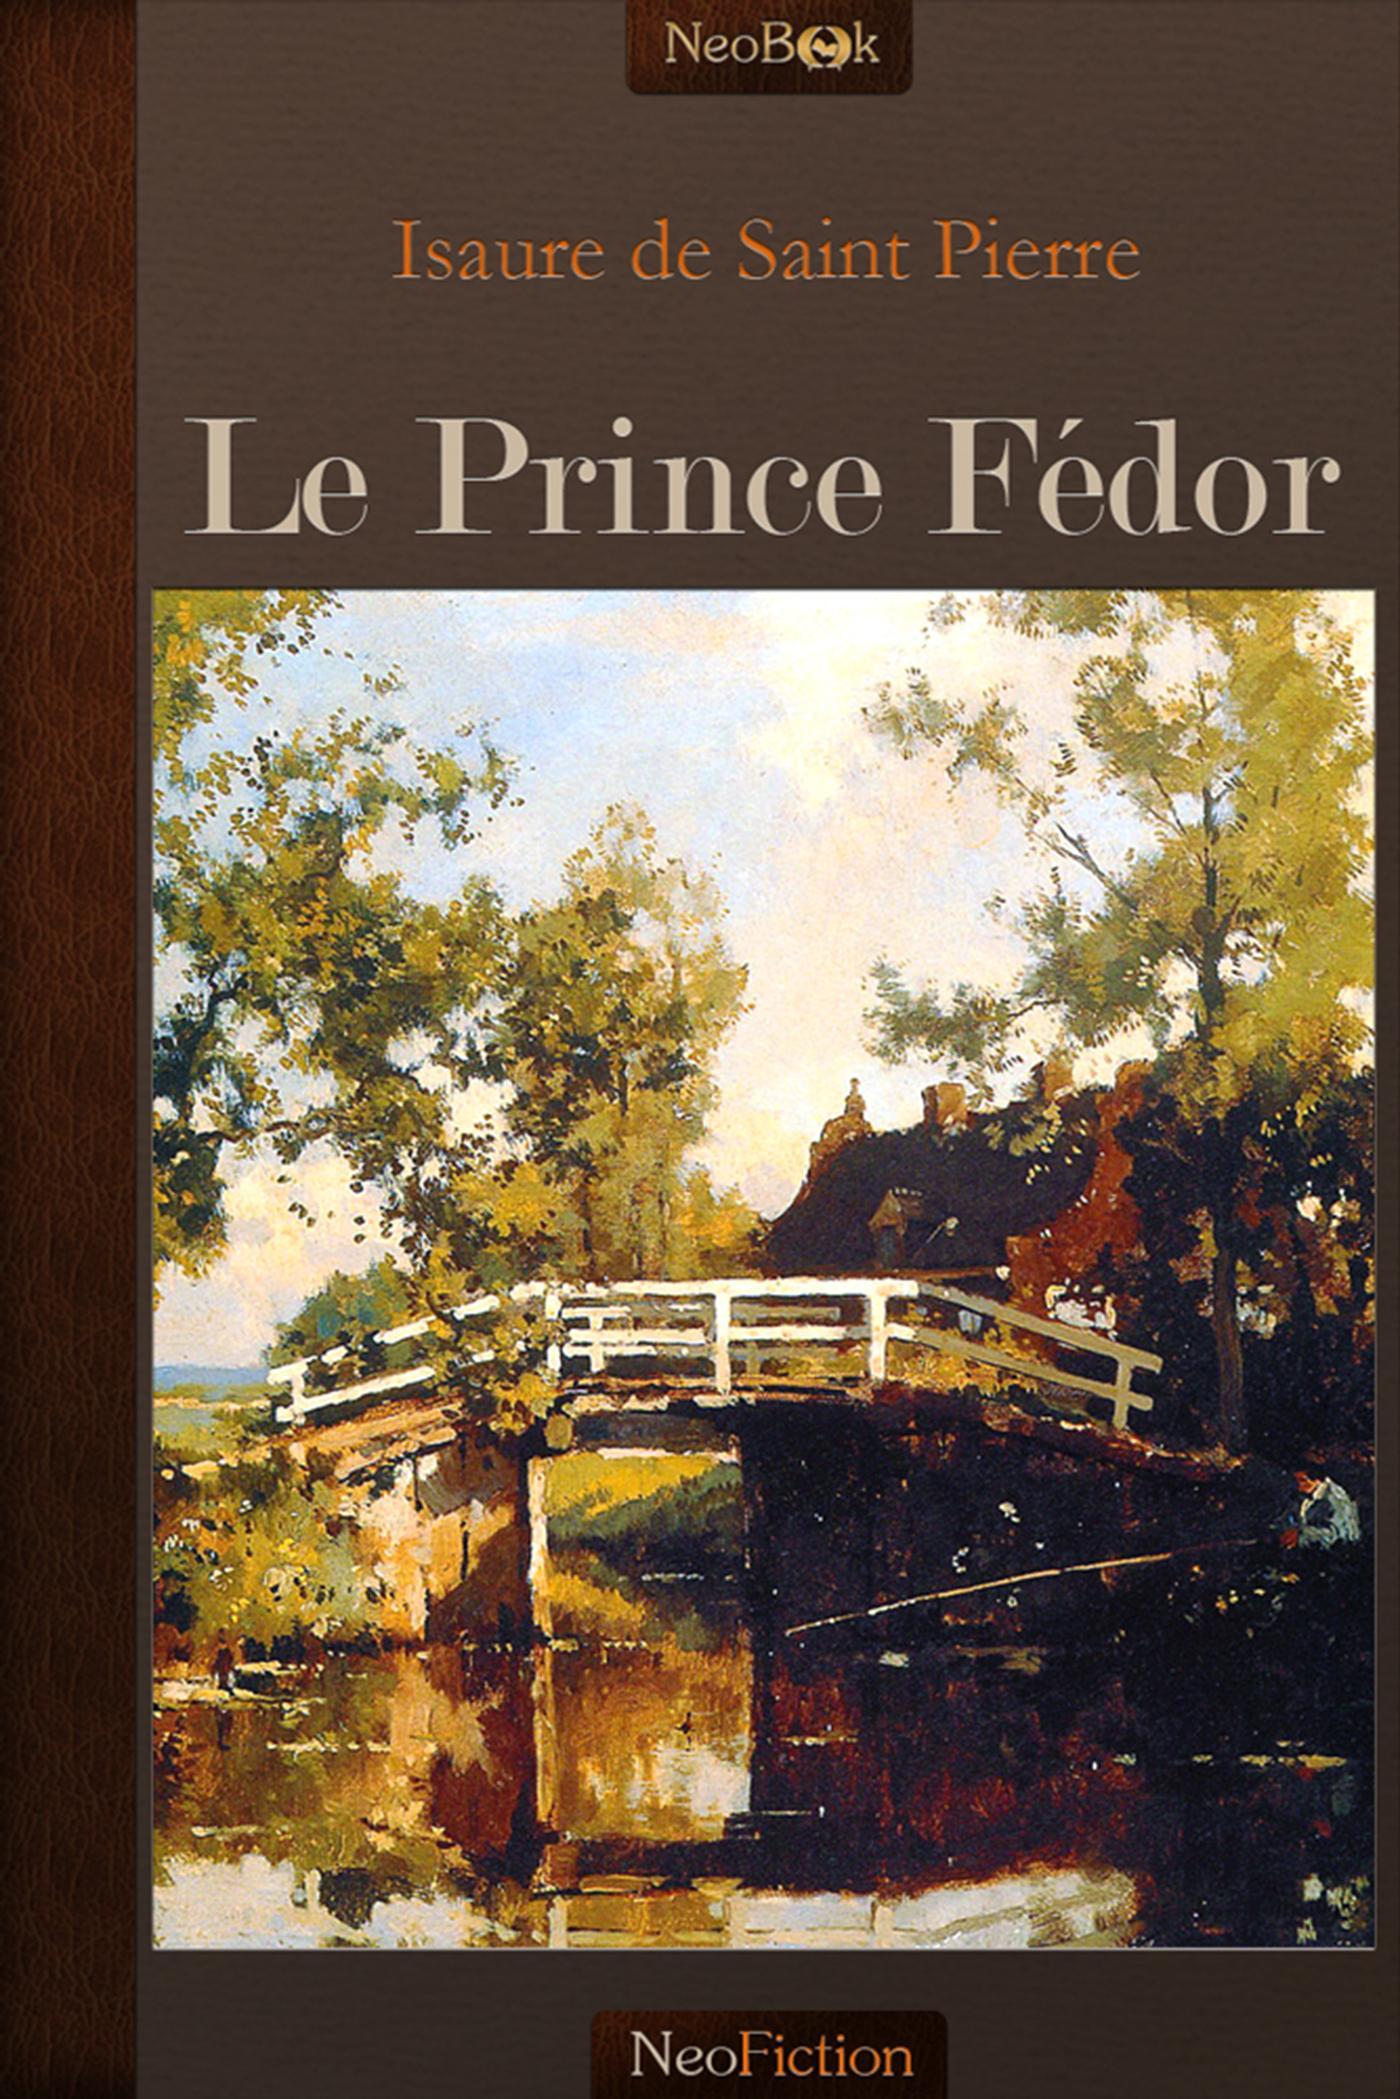 Le Prince Fédor